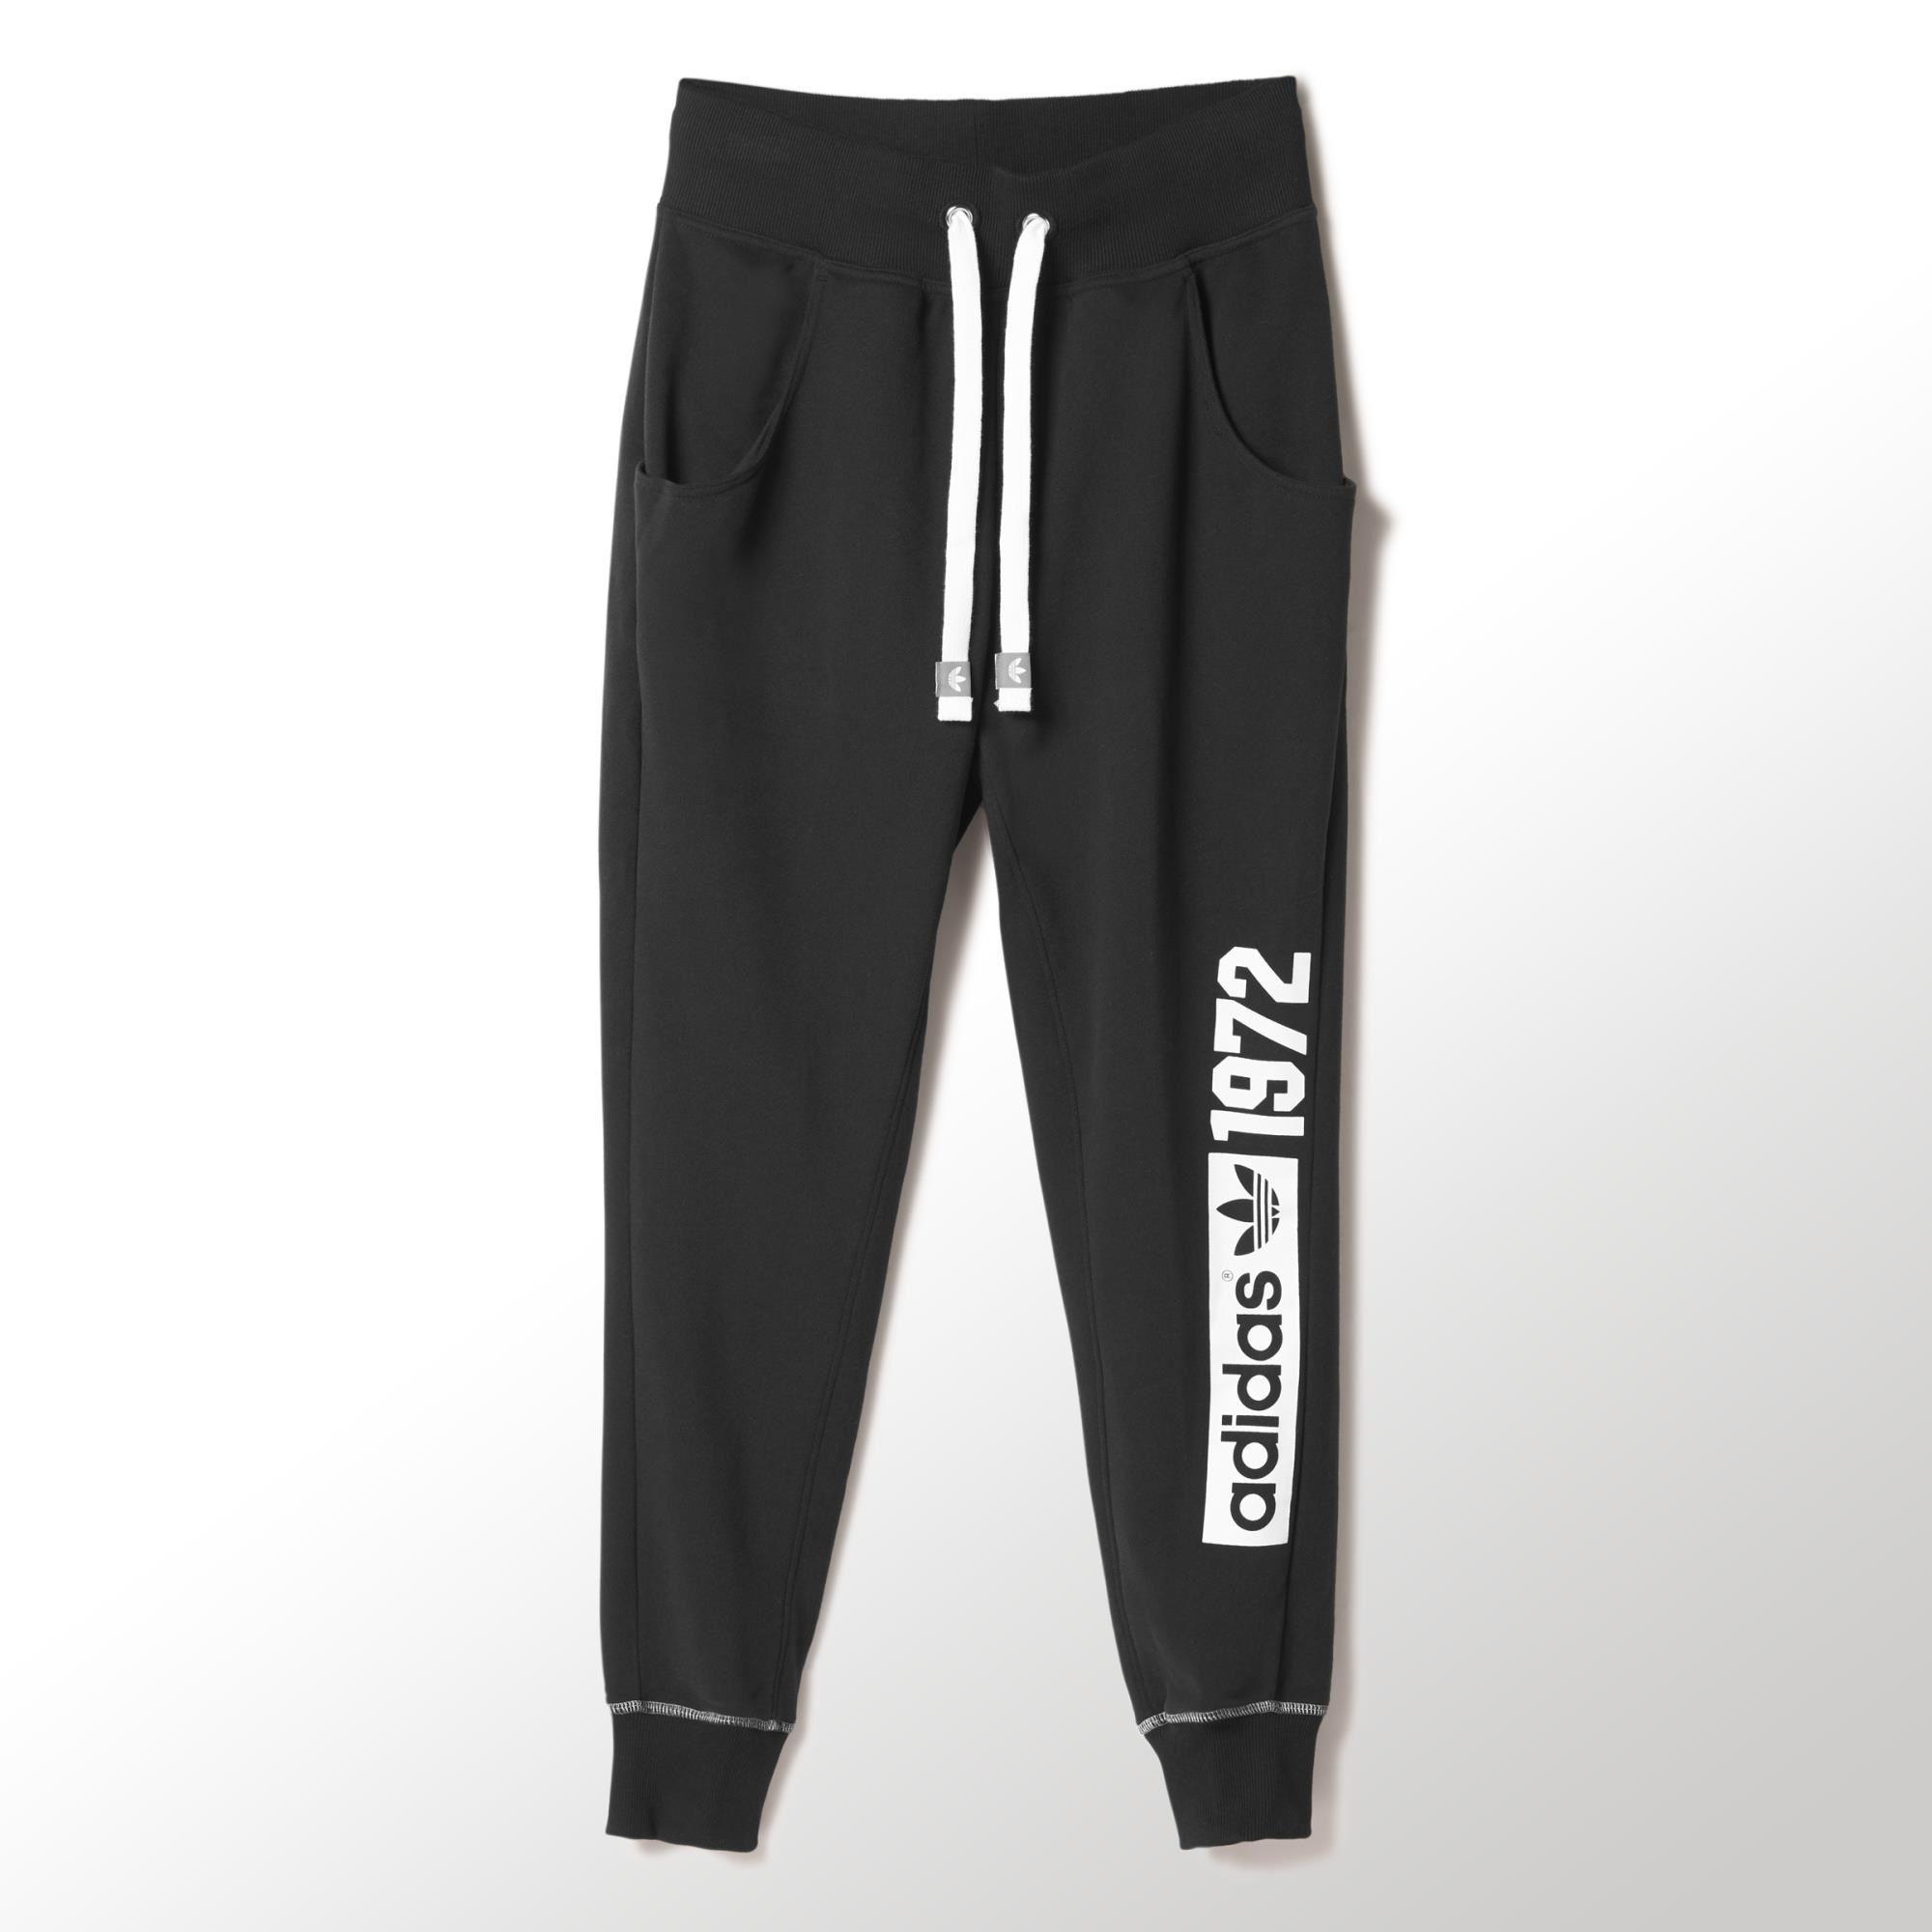 adidas Pantalones de Sudadera Holgados Super Baggy Mujer